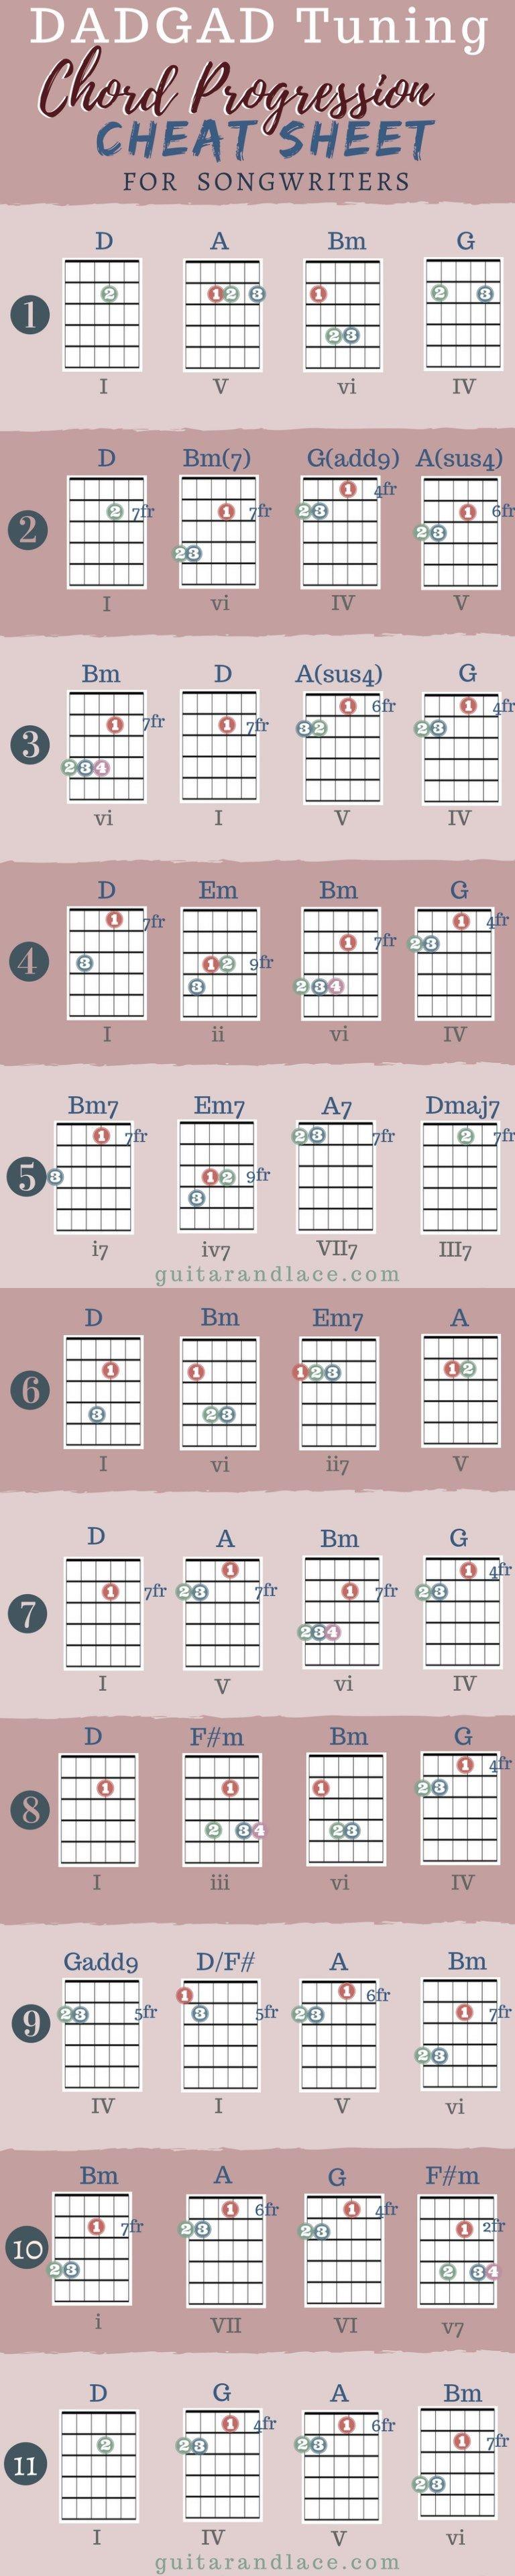 Leslie Allwhite Lallwhite On Pinterest Guitar Strings Diagram Illustration E A D G B